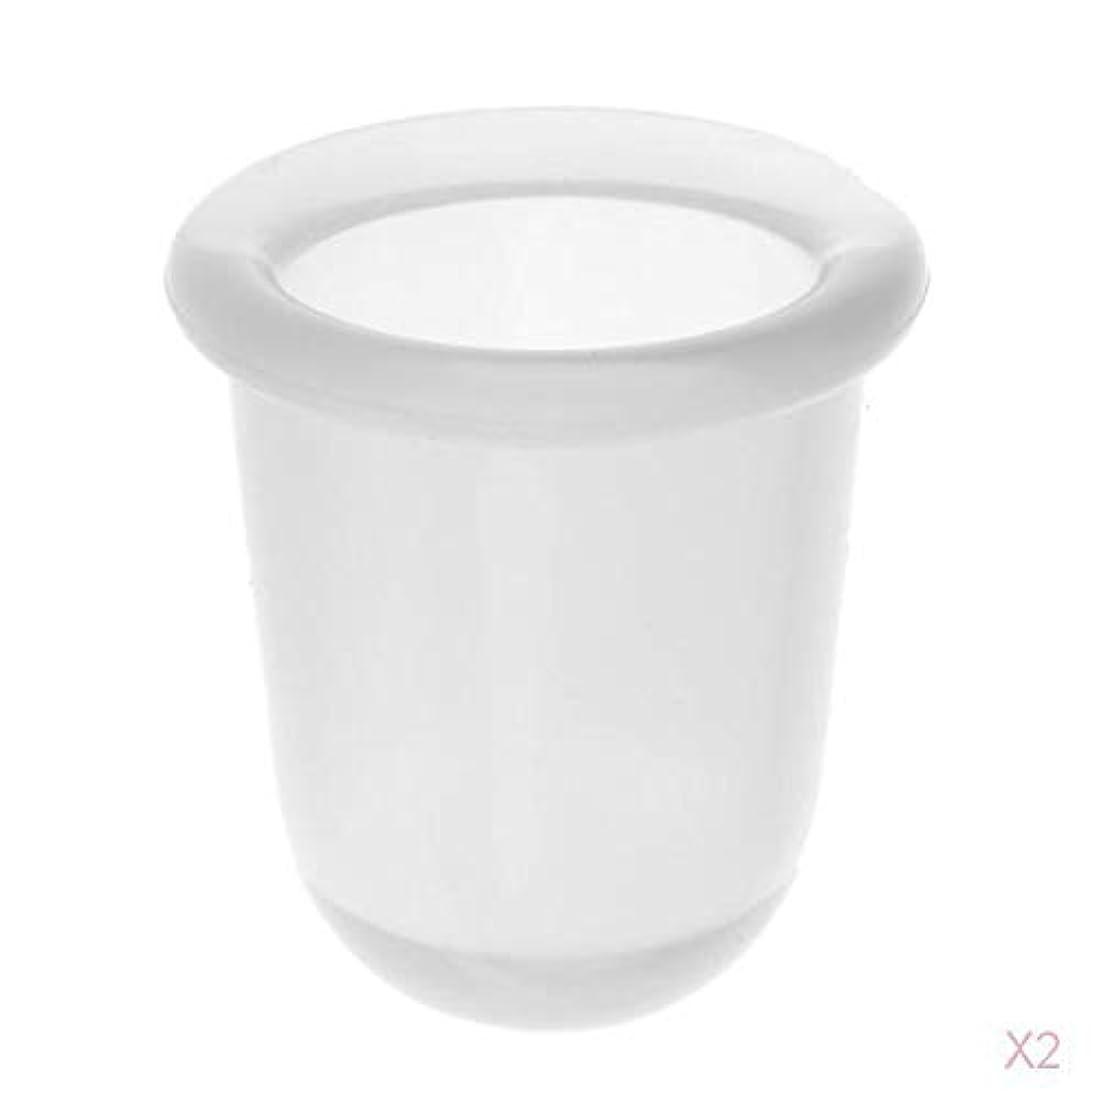 P Prettyia マッサージカップ 真空カップ シリコーン製 ボディマッサージ 全2色 - クリア